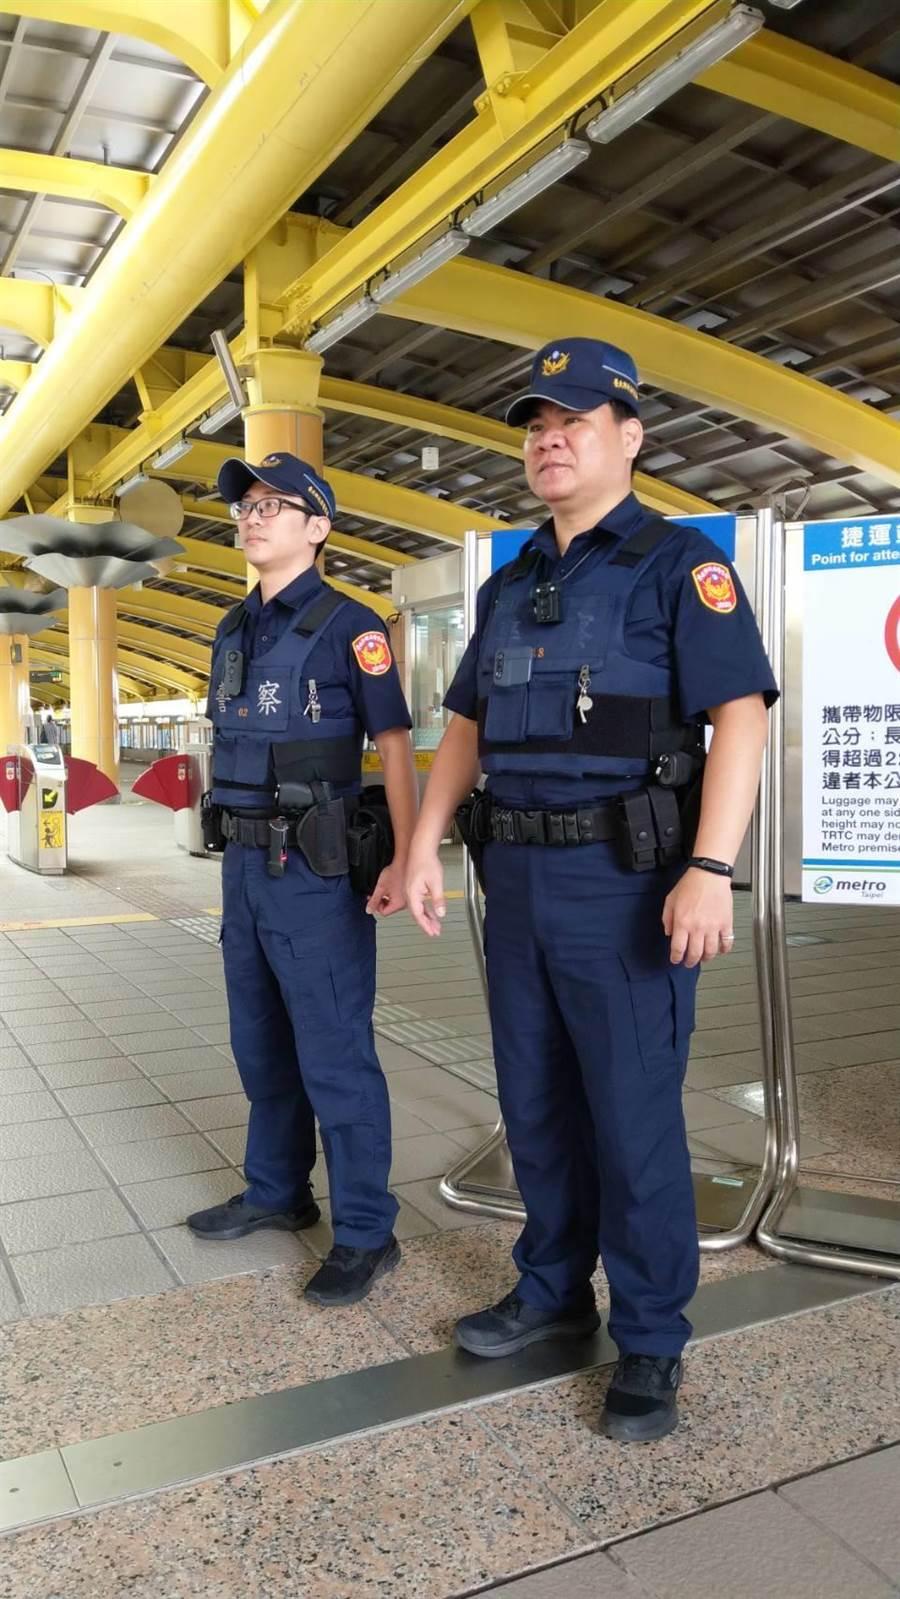 北市捷警队针对台铁员警被刺死案,已下令加派双警联巡。〔谢明俊翻摄〕